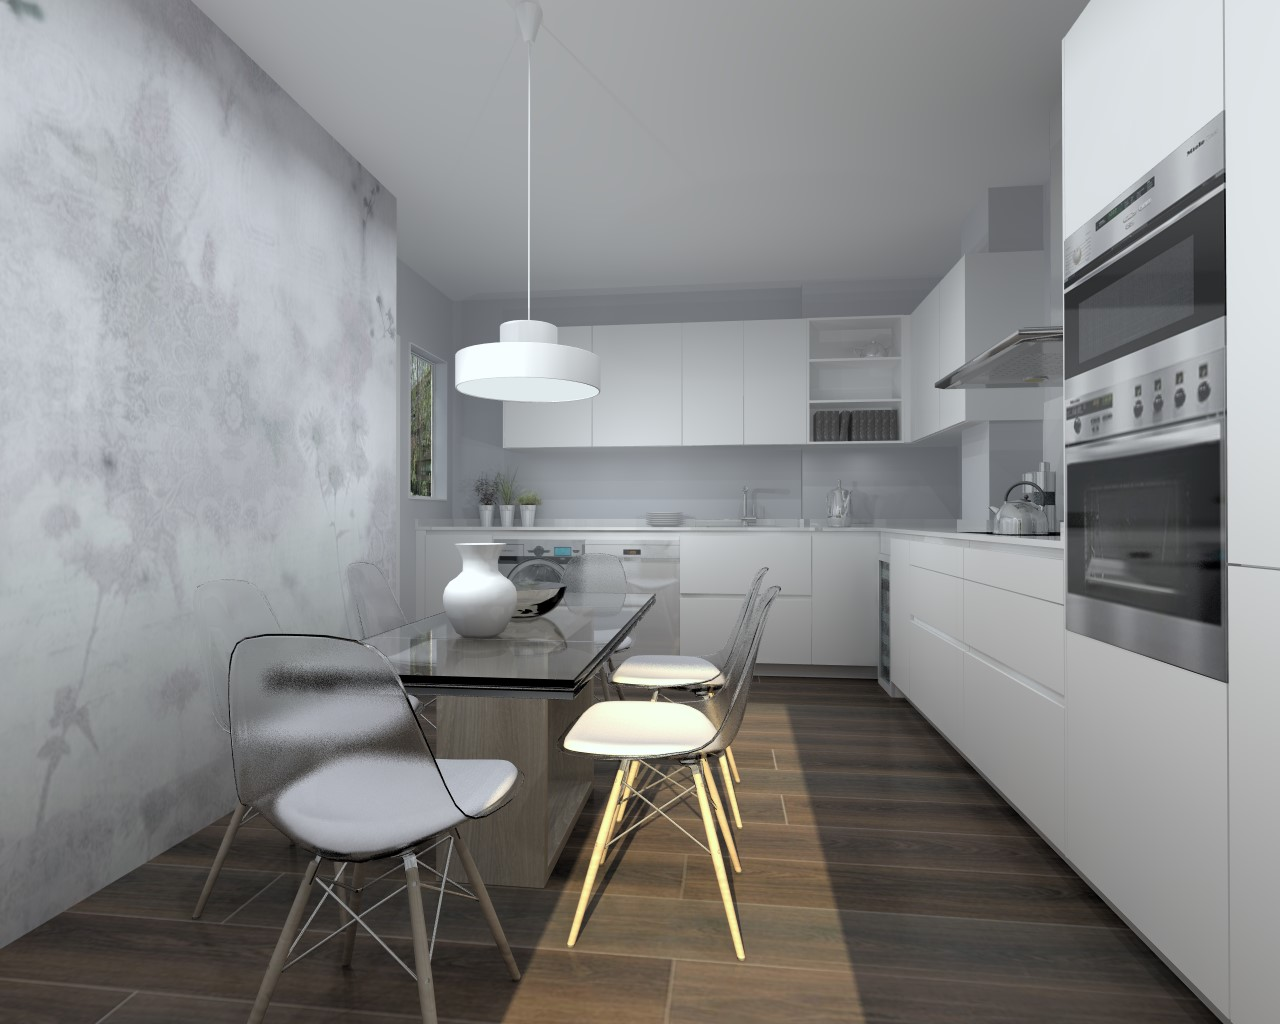 Papeles Pintados Para Cocina Fabulous Nico Decoracin Fcil Cocinas - Papeles-pintados-para-cocinas